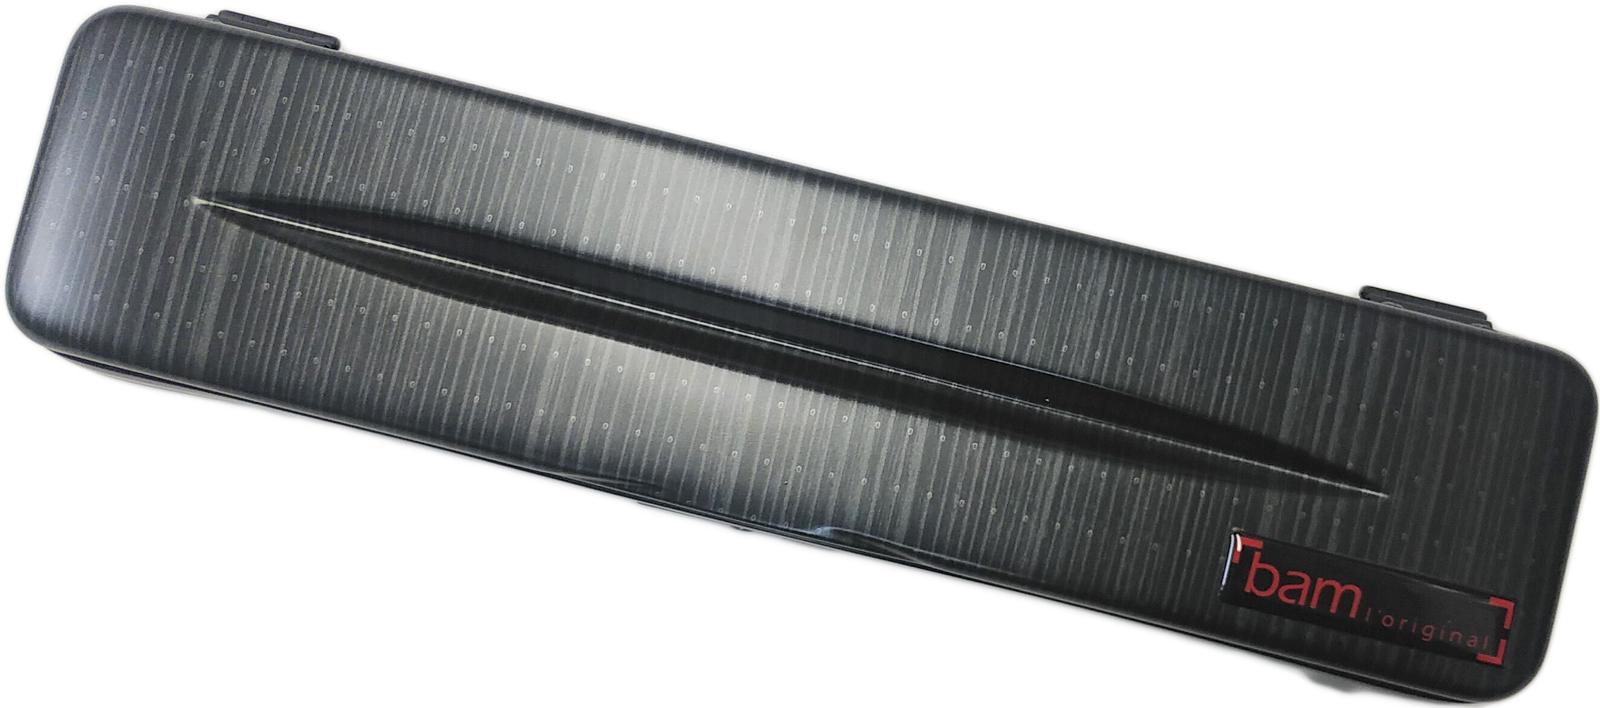 フランス製 made in France フルート用ケース 1本 管楽器 bam ( バム ) 4009XLLB ブラックラズール フルートケース ハイテック フルート用 ハードケース シングル C管 H管 ケース HIGHTECH FLUTE CASE Black Lazure